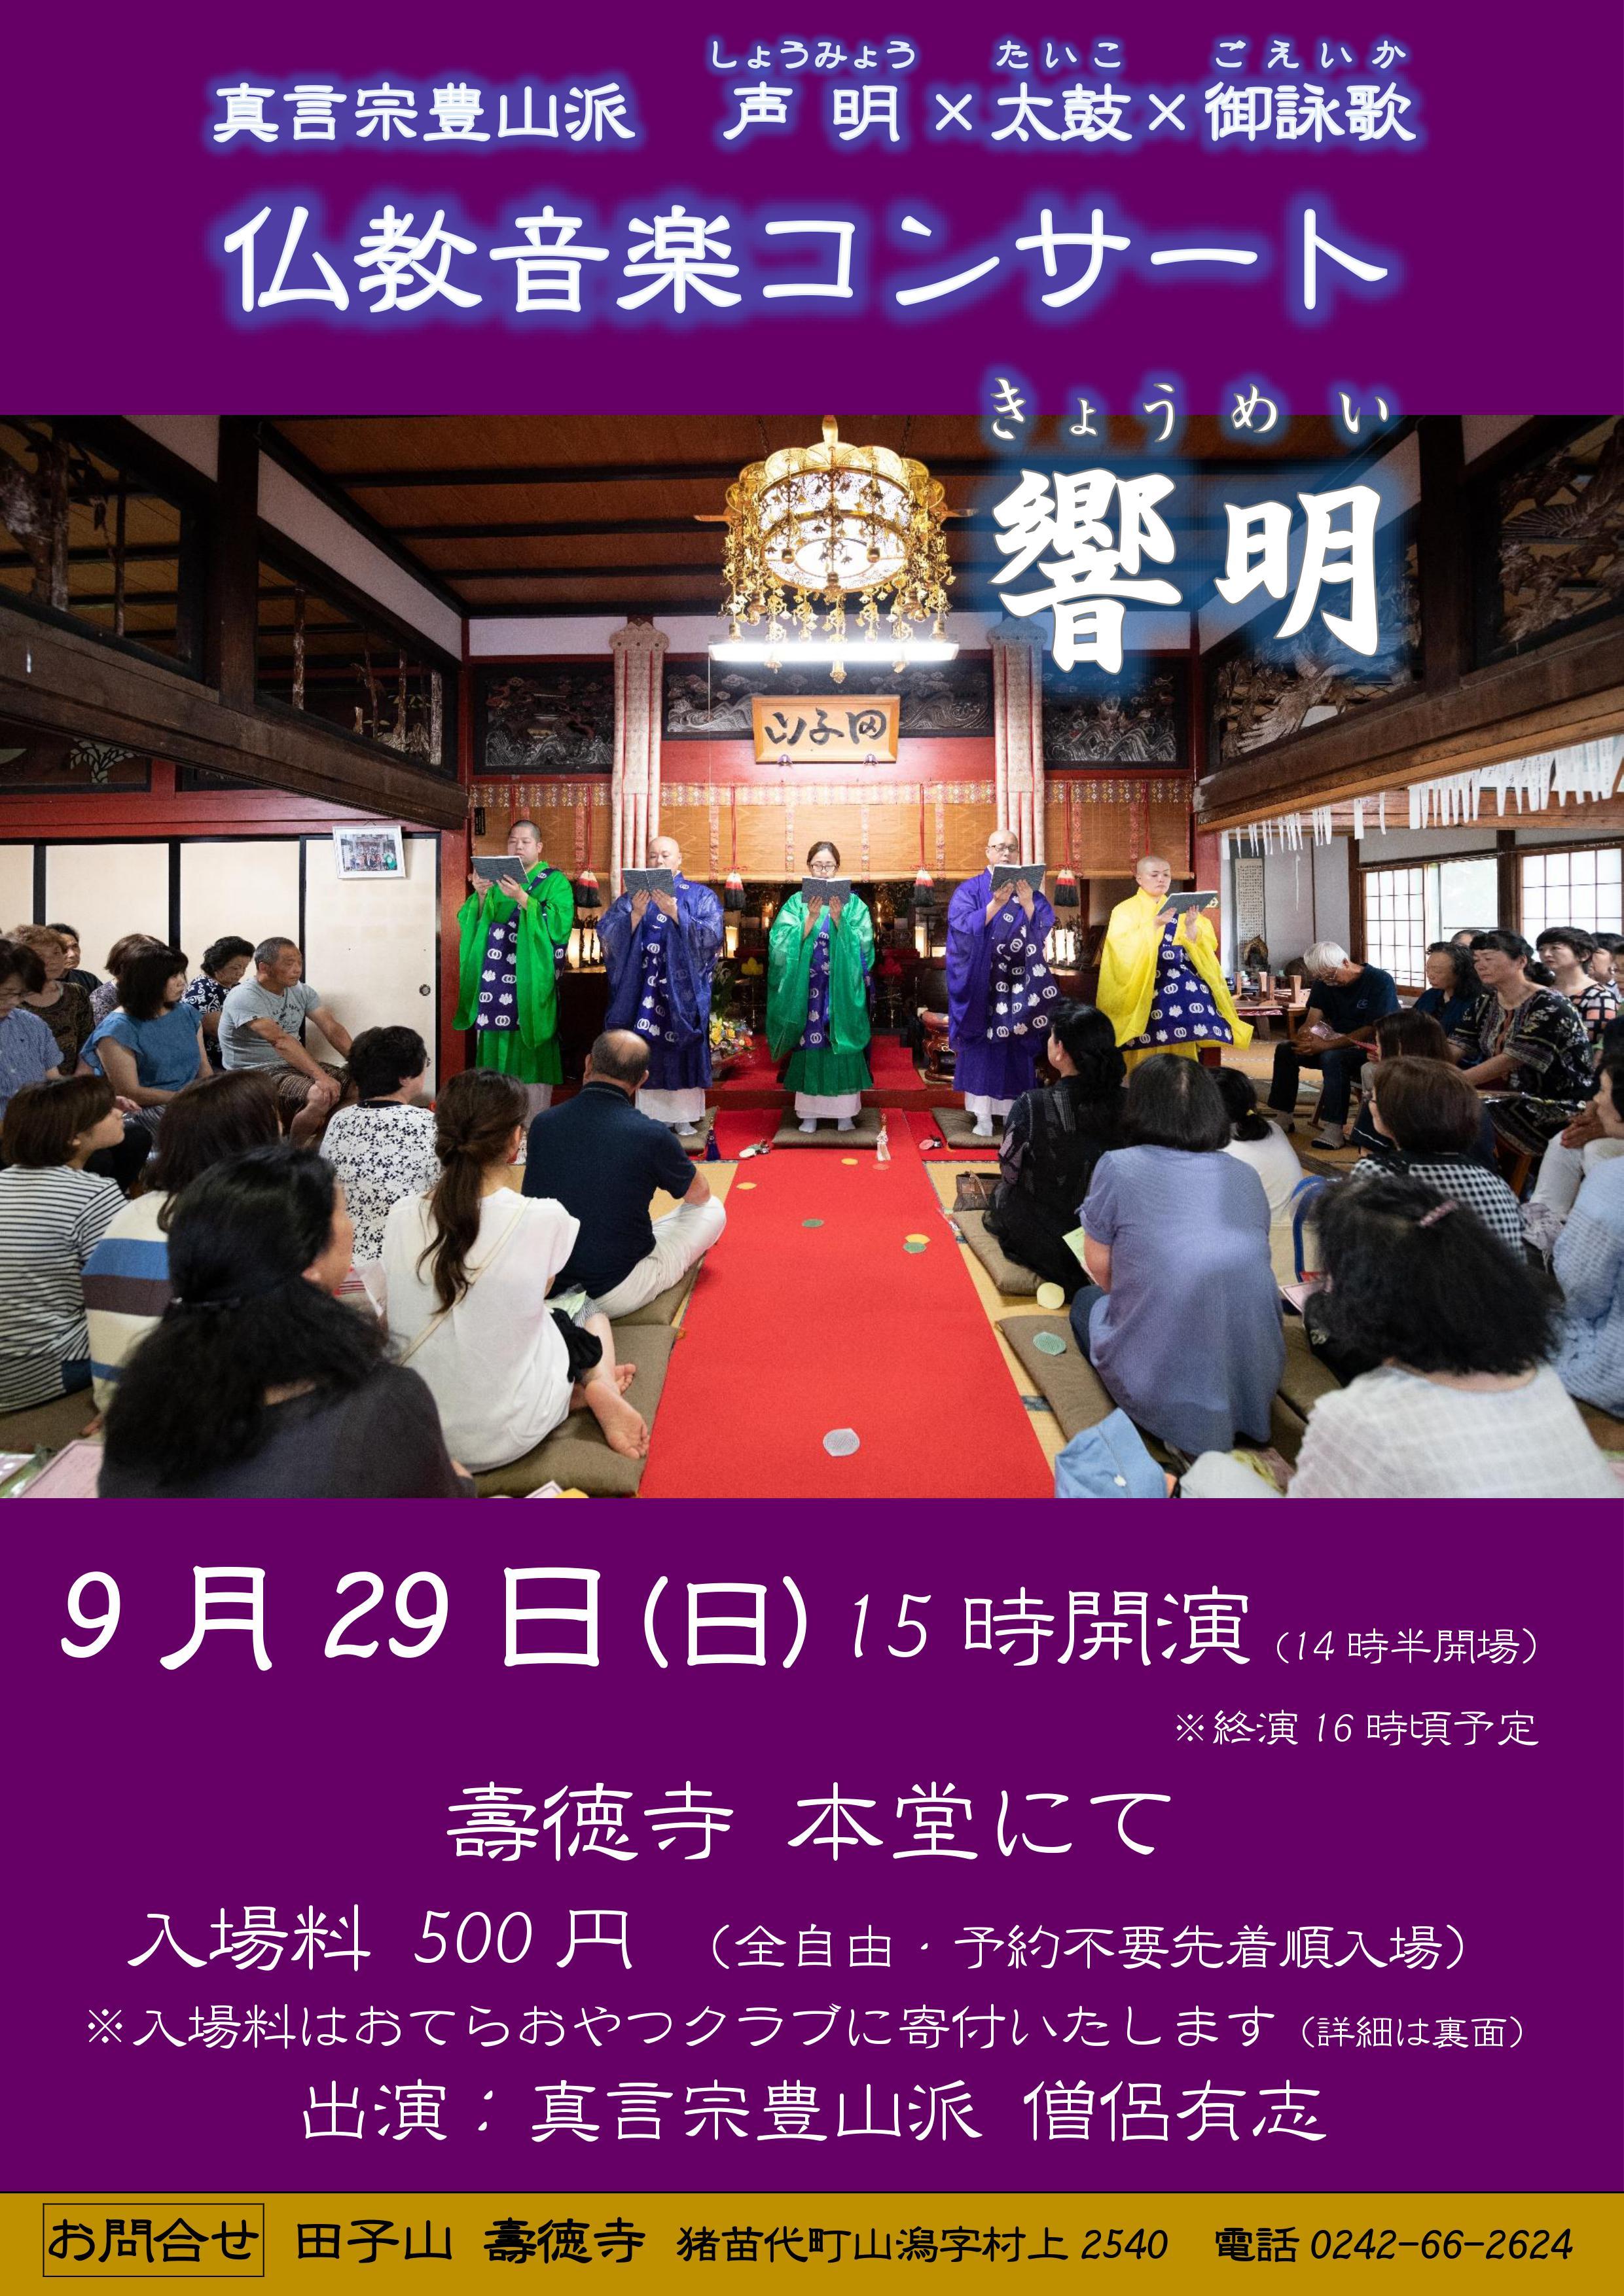 仏教音楽コンサート「響明(きょうめい)」 | おてらおやつクラブ ...